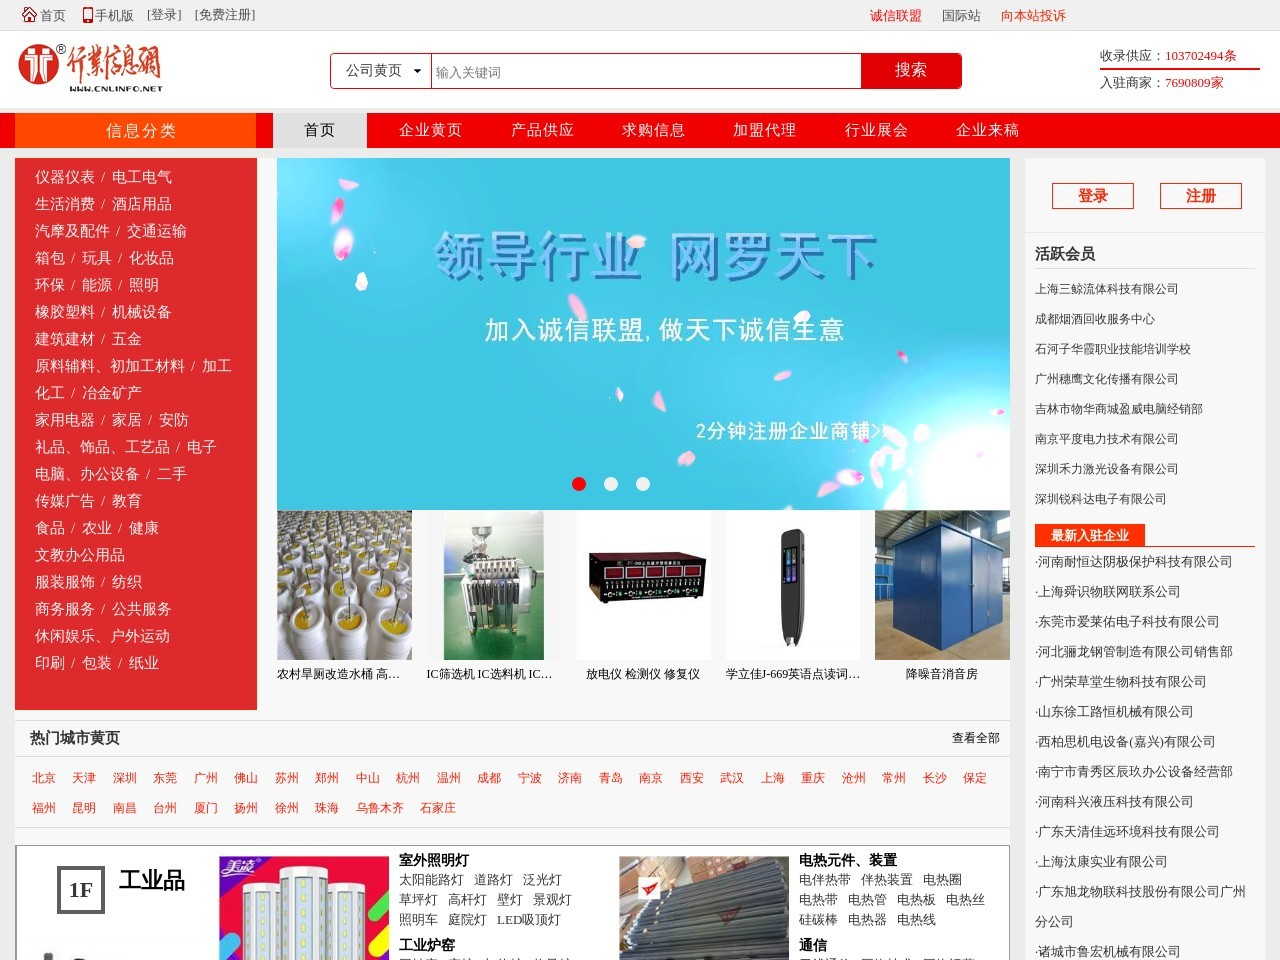 【精油】精油价格_精油批发 - 中国行业信息网